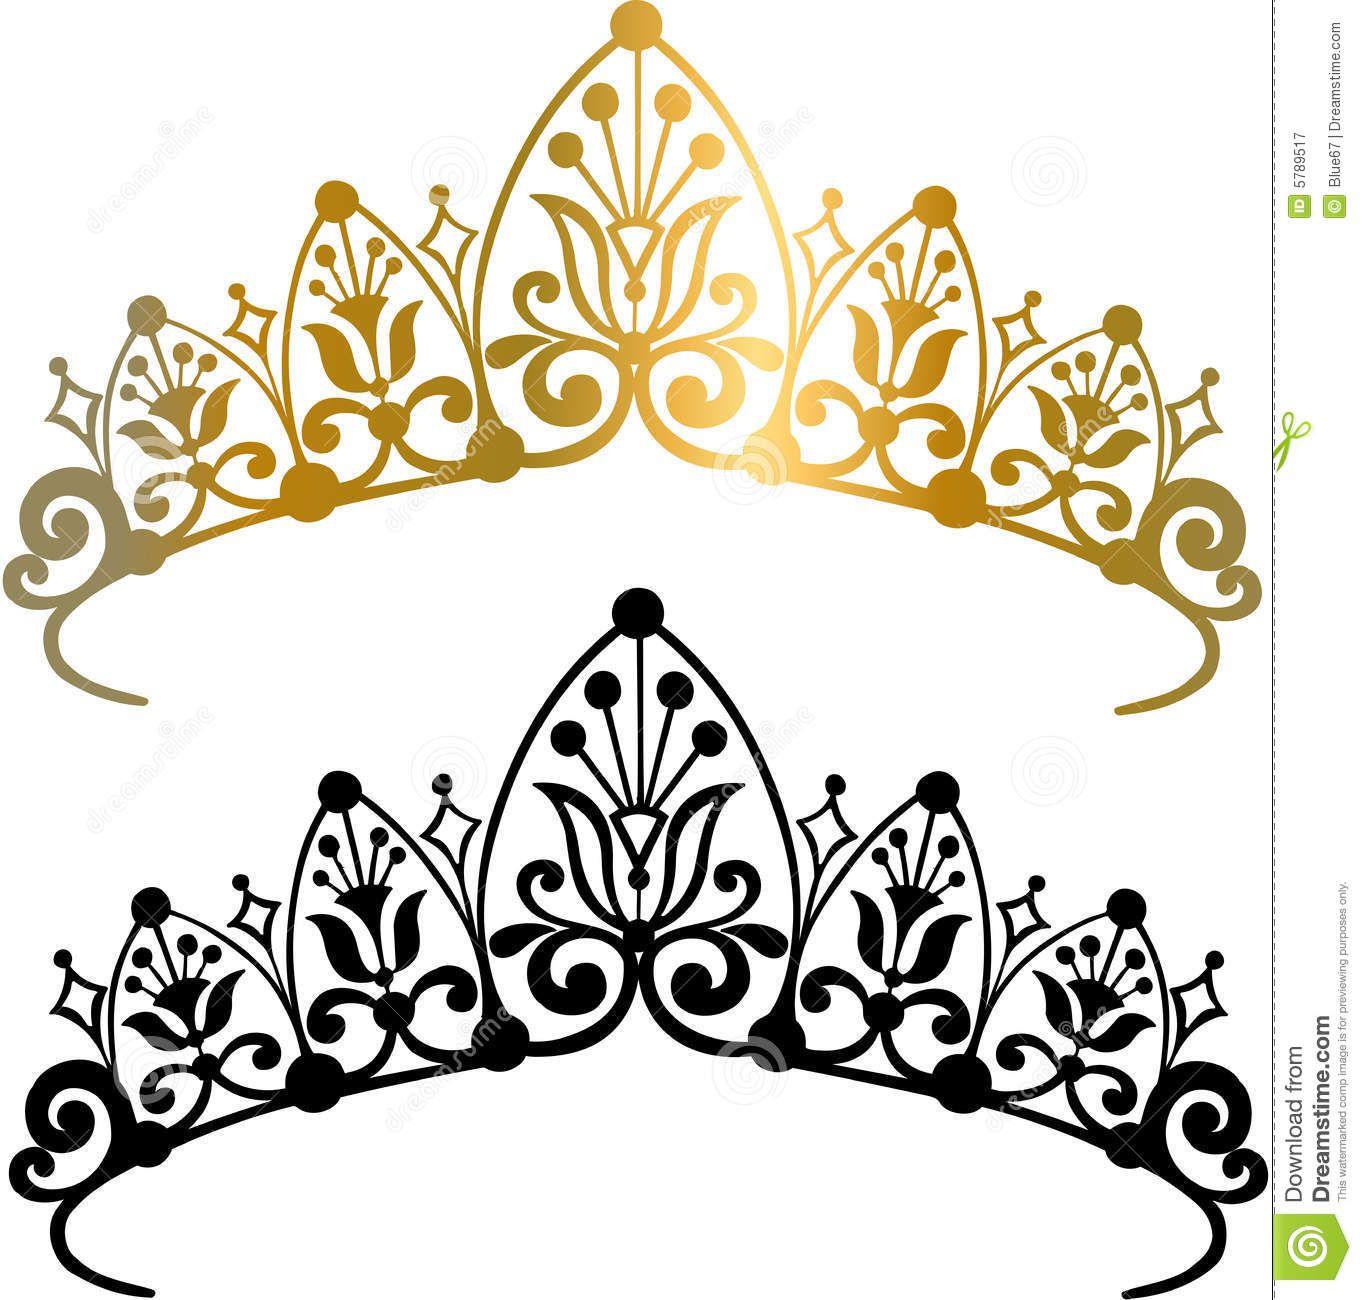 queen crowns vectors - photo #17